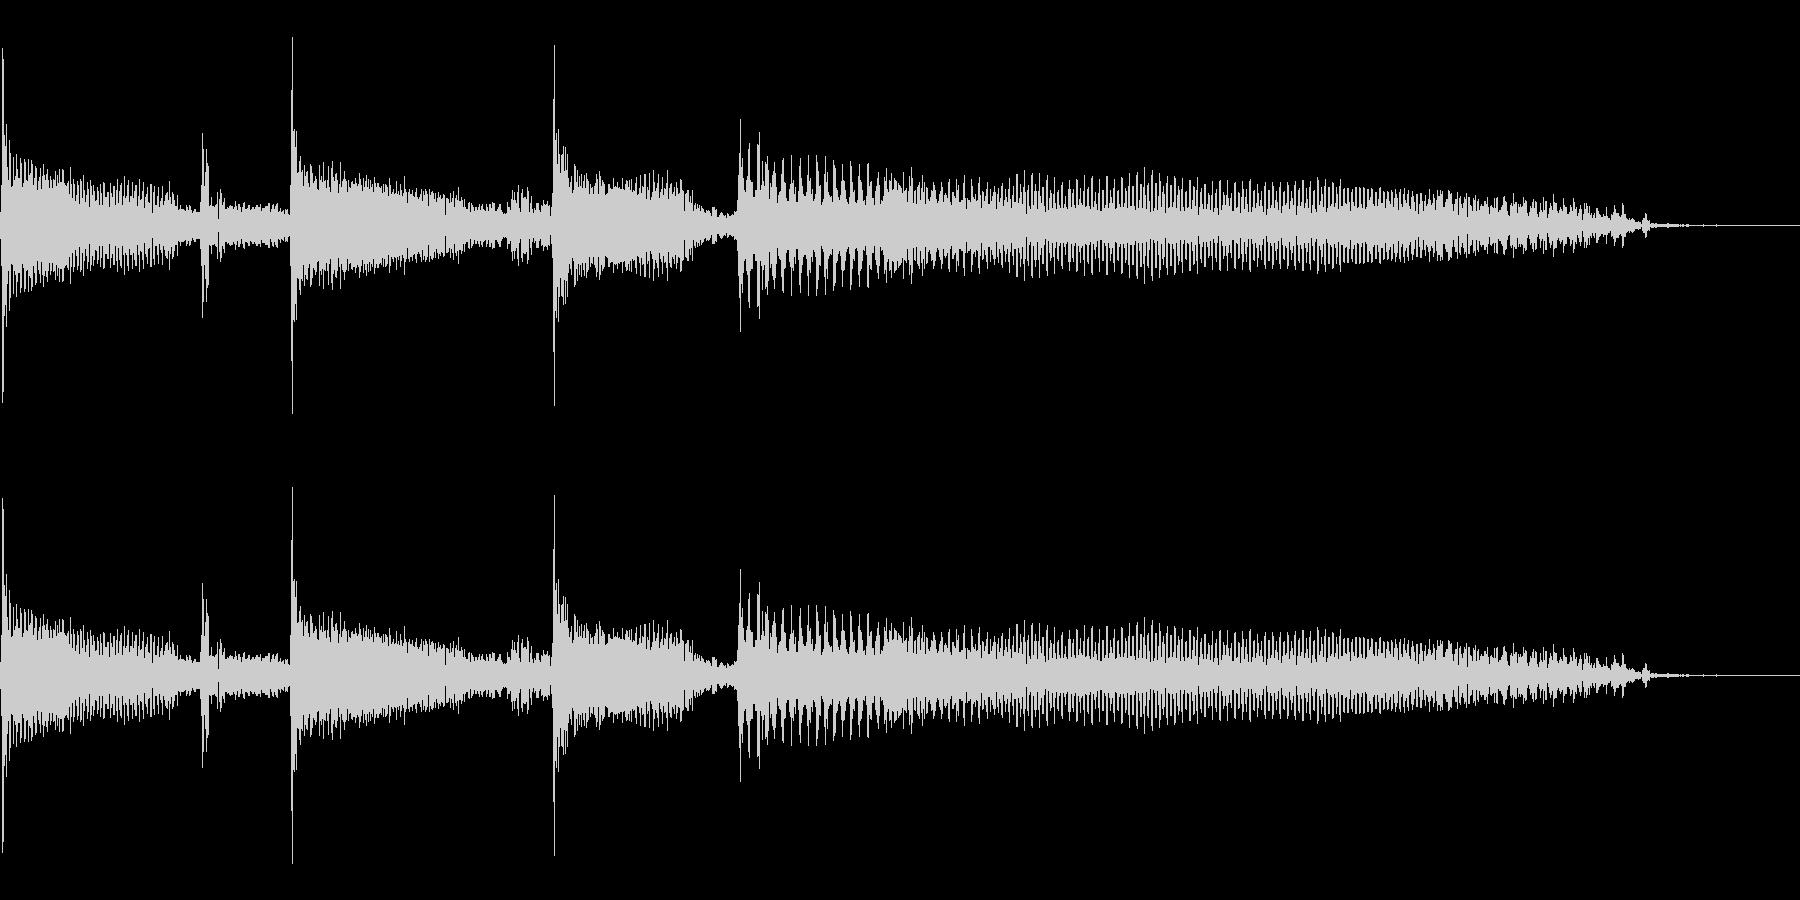 スラップベースの効果音用素材です。の未再生の波形